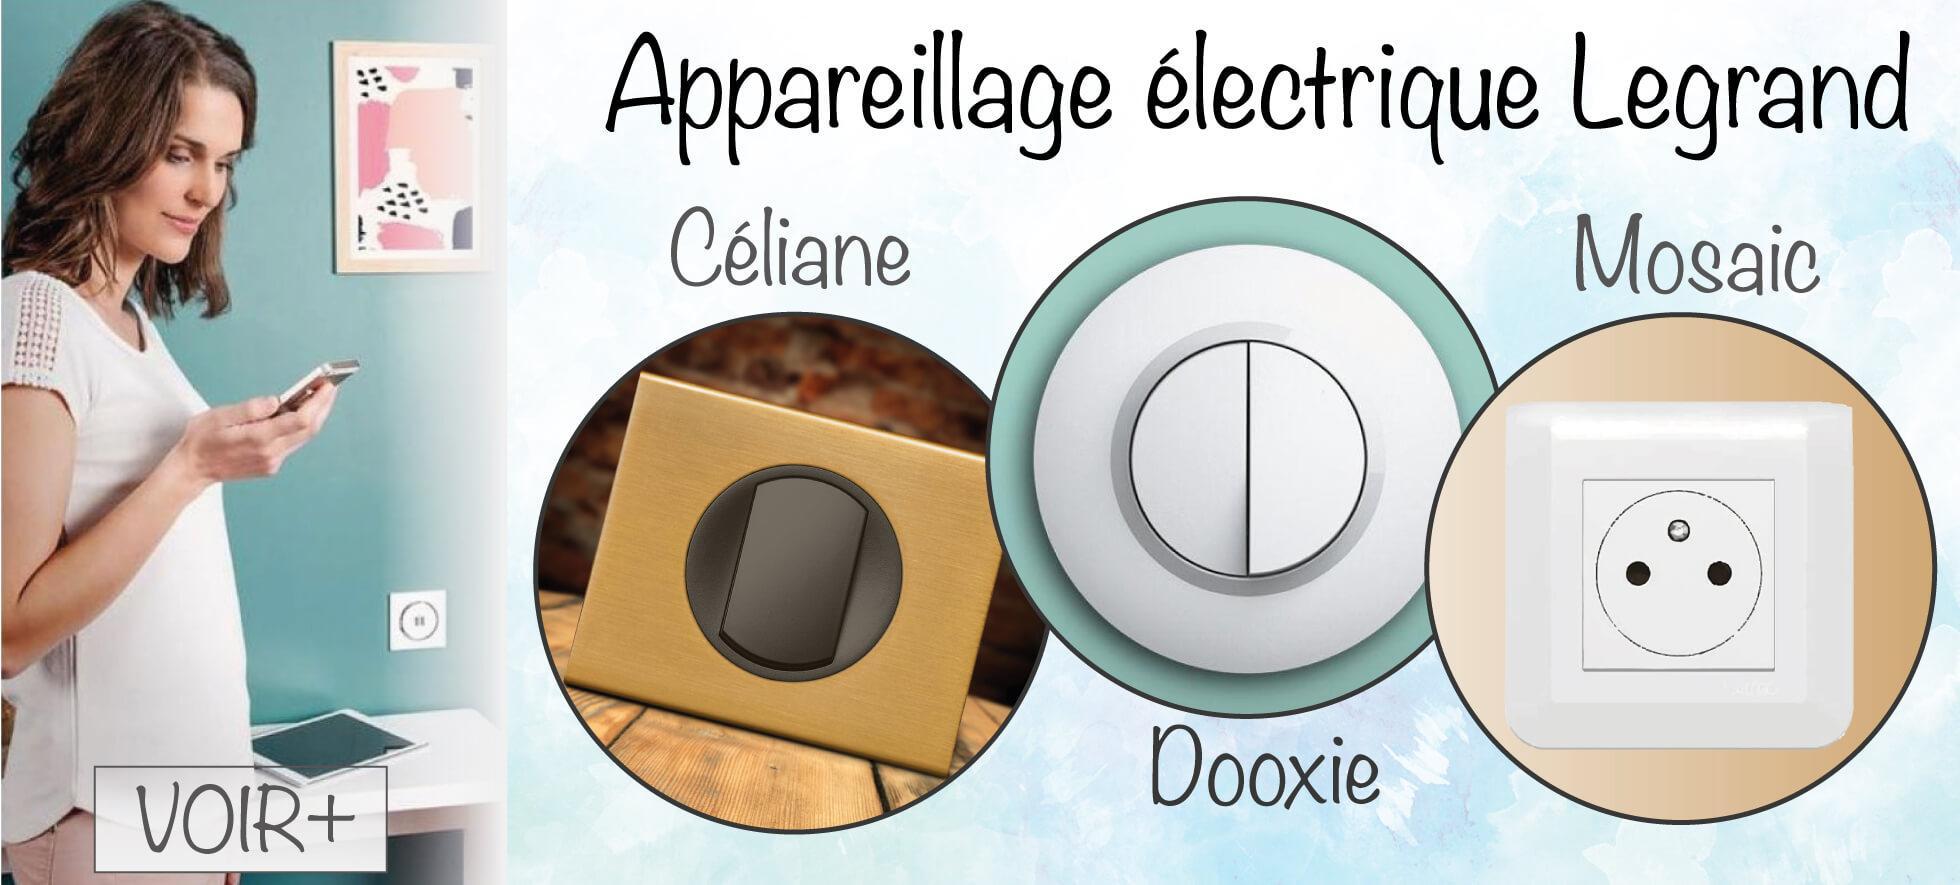 Appareillage électrique Legrand